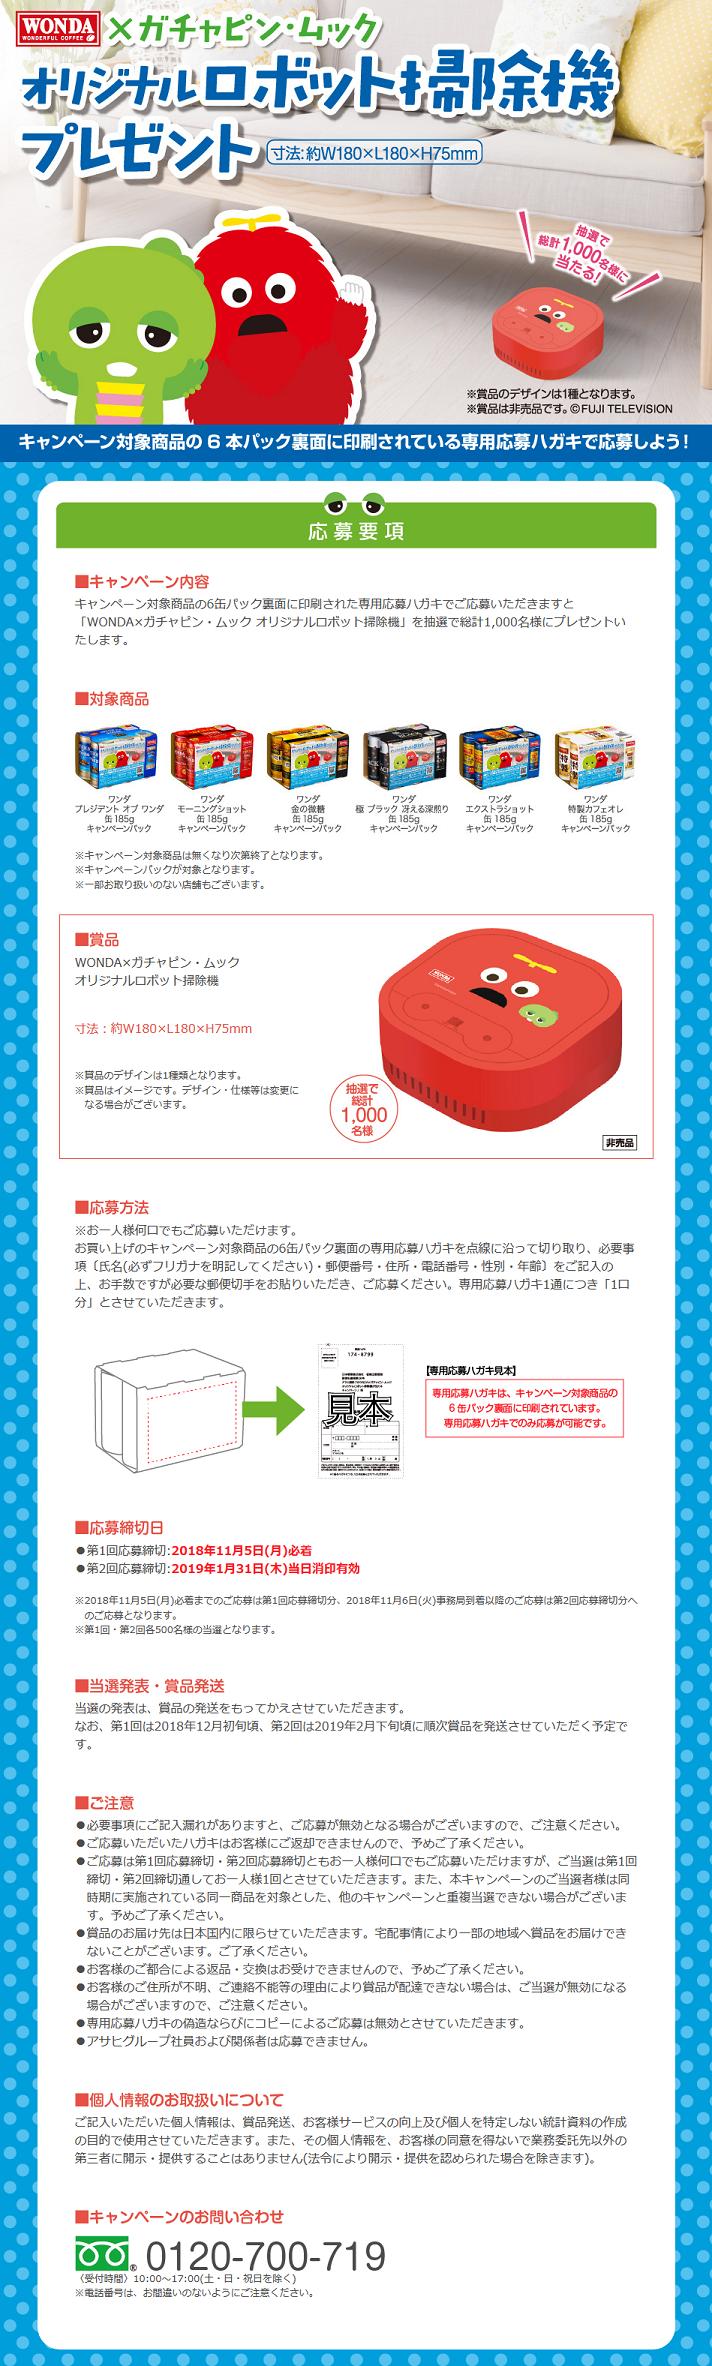 【アサヒ飲料】WONDA ポンキッキーズ・ガチャピン&ムック オリジナルロボット掃除機プレゼントキャンペーン